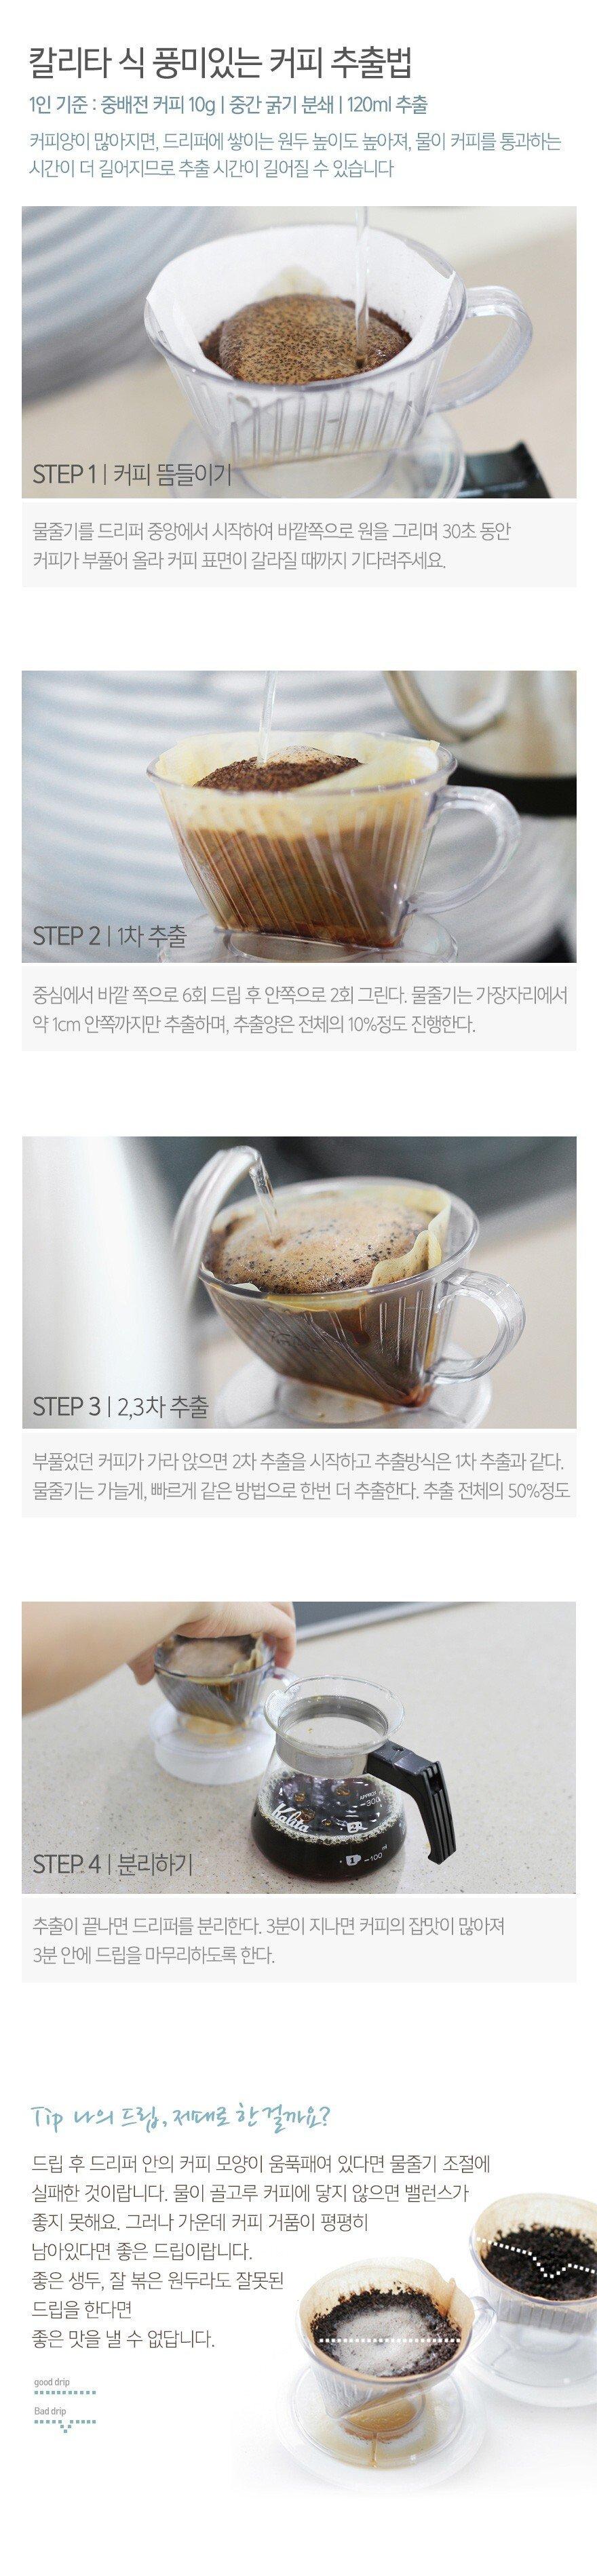 611_619_KALITA_DP_common~02.jpg 집에서 커피 마시는 데 취미붙인 핸드드립 초보가 써보는 커피이야기.jpg